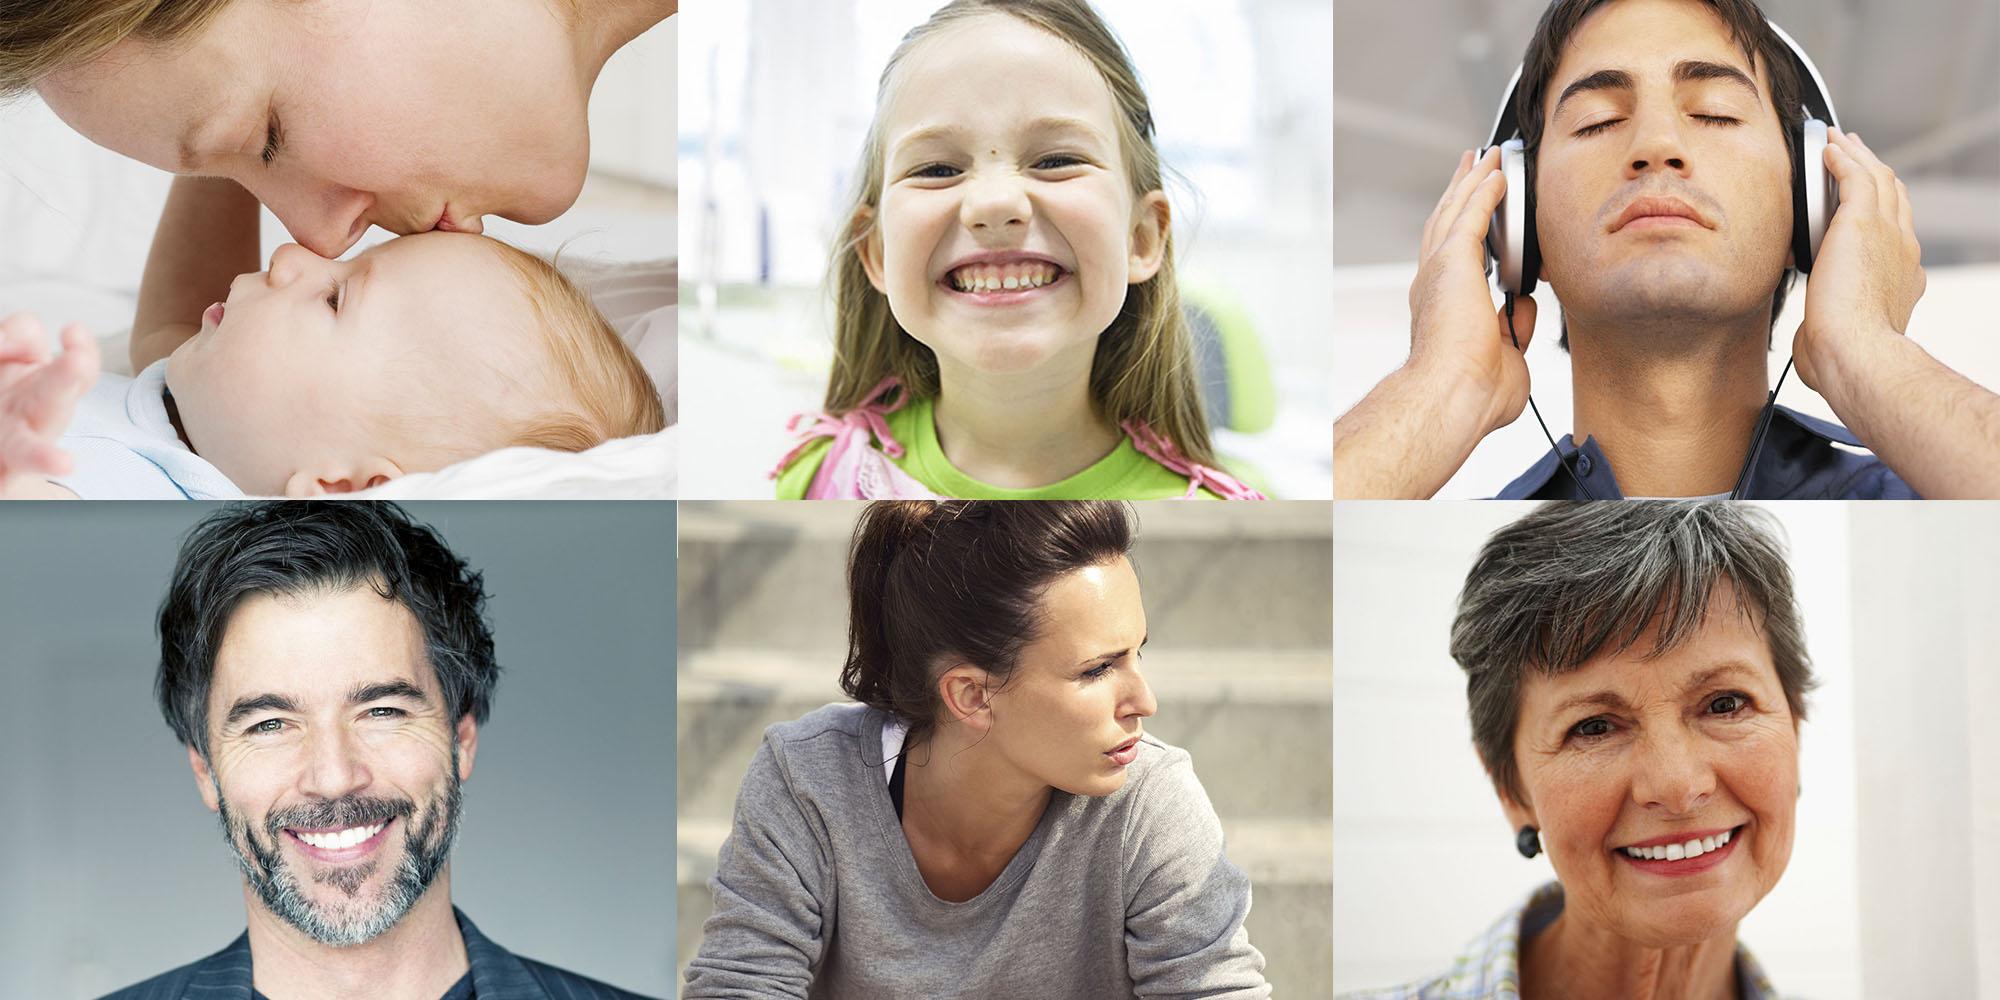 imágenes de personas soriendo